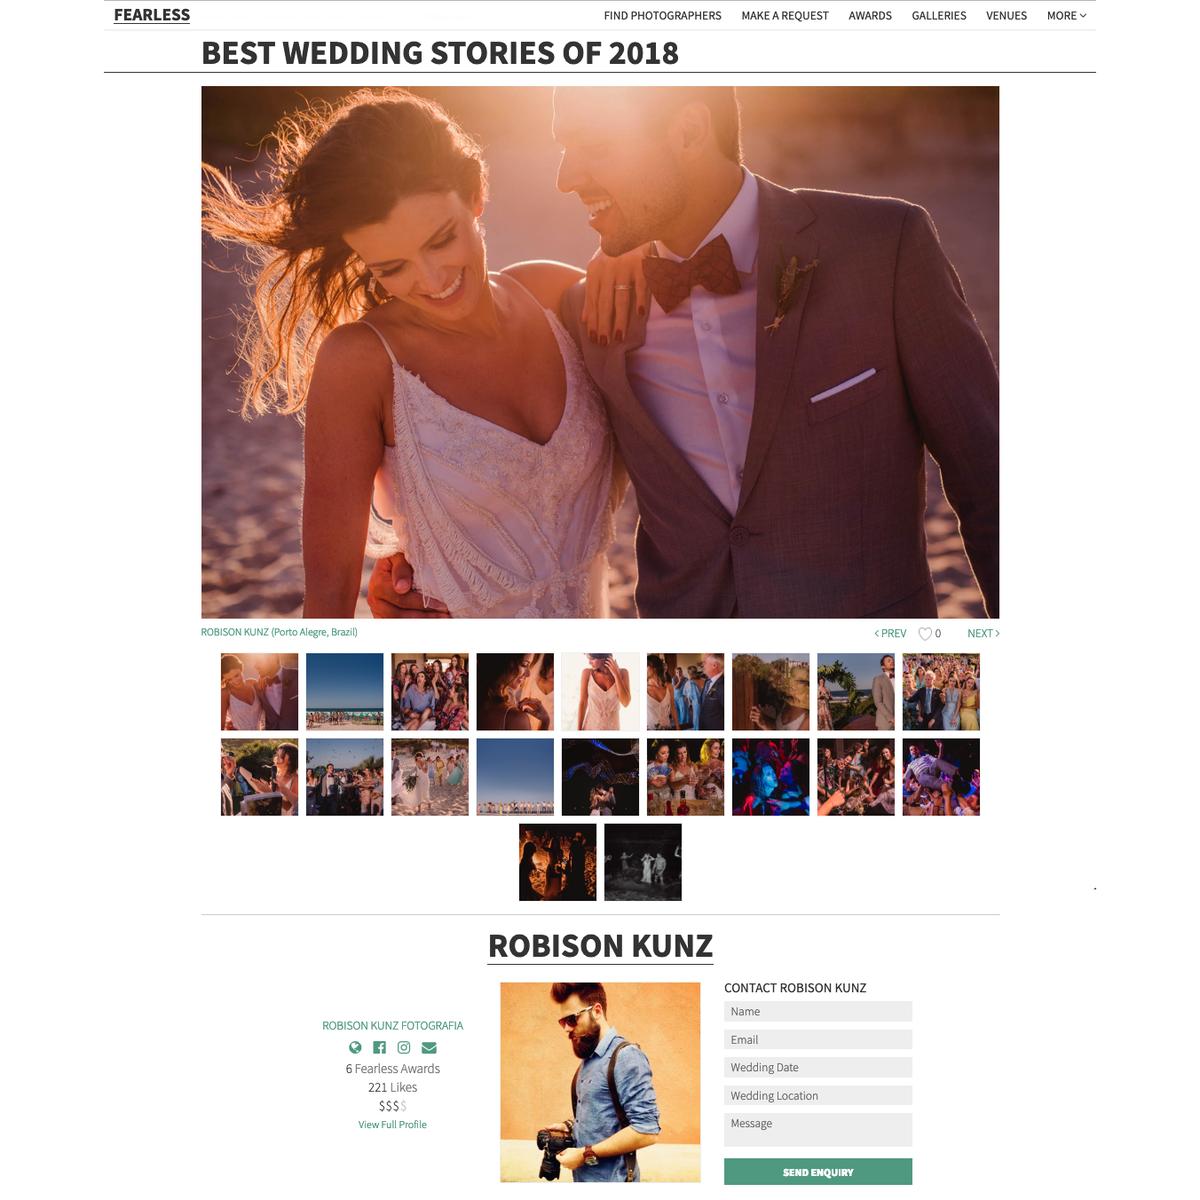 robison kunz premiado entre os melhores fotógrafos de casamento do mundo